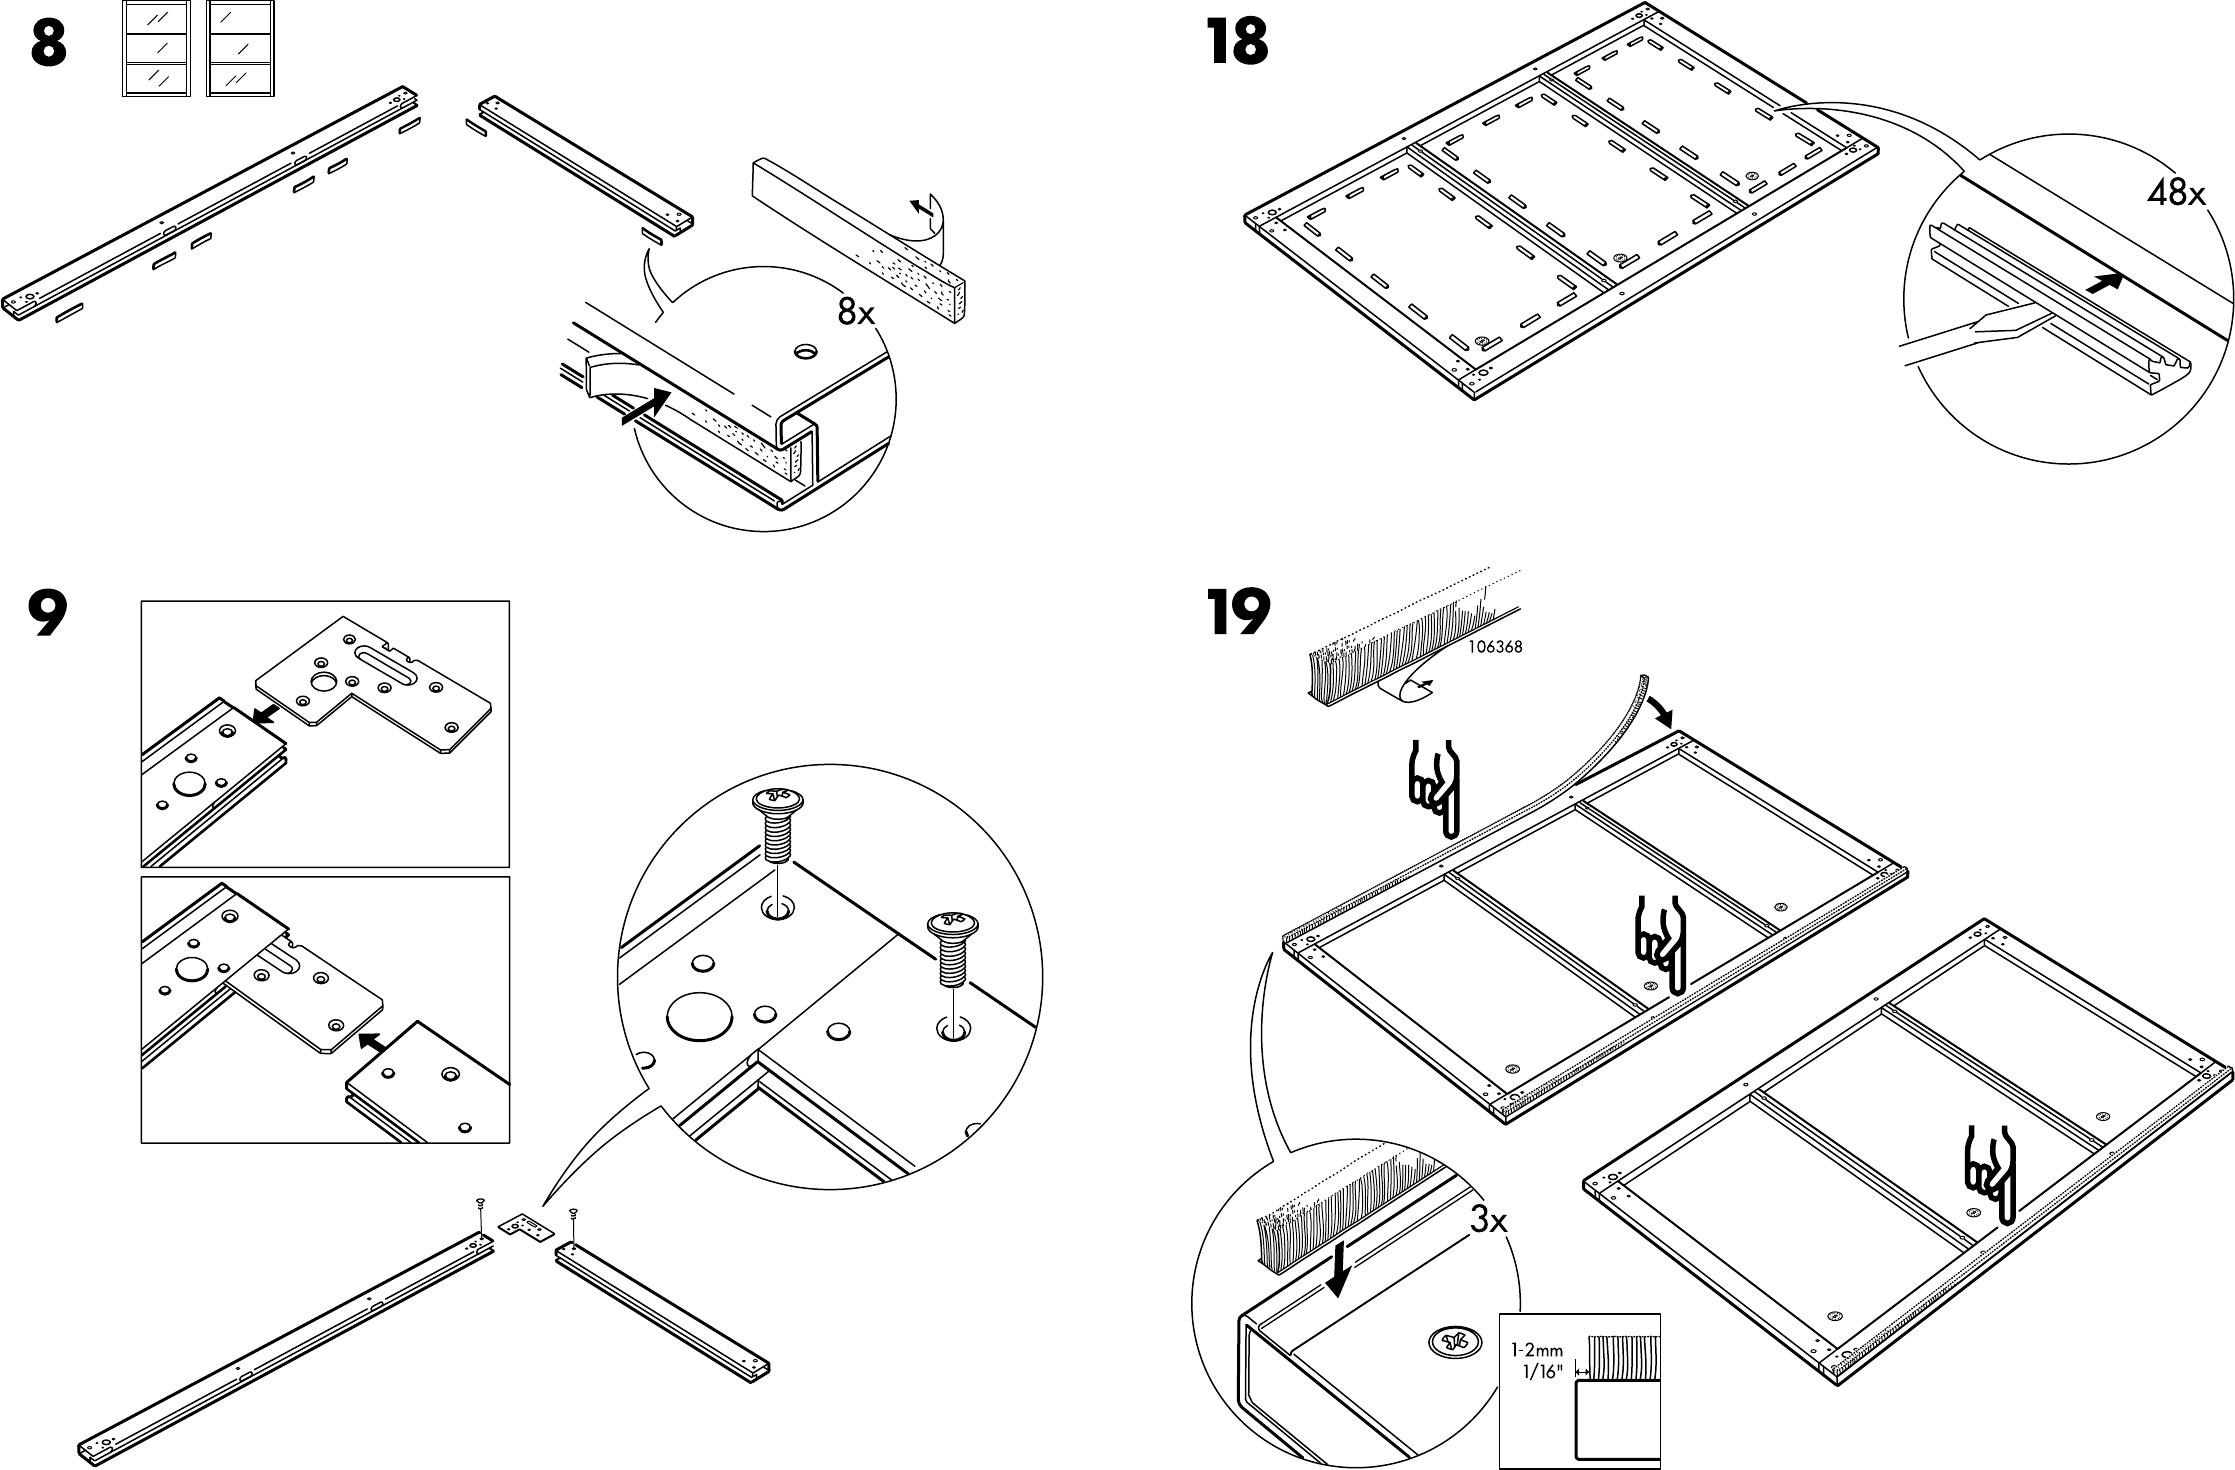 Pax Ikea Schuifdeuren.Manual Ikea Pax Stordal Schuifdeuren Page 10 Of 12 Danish